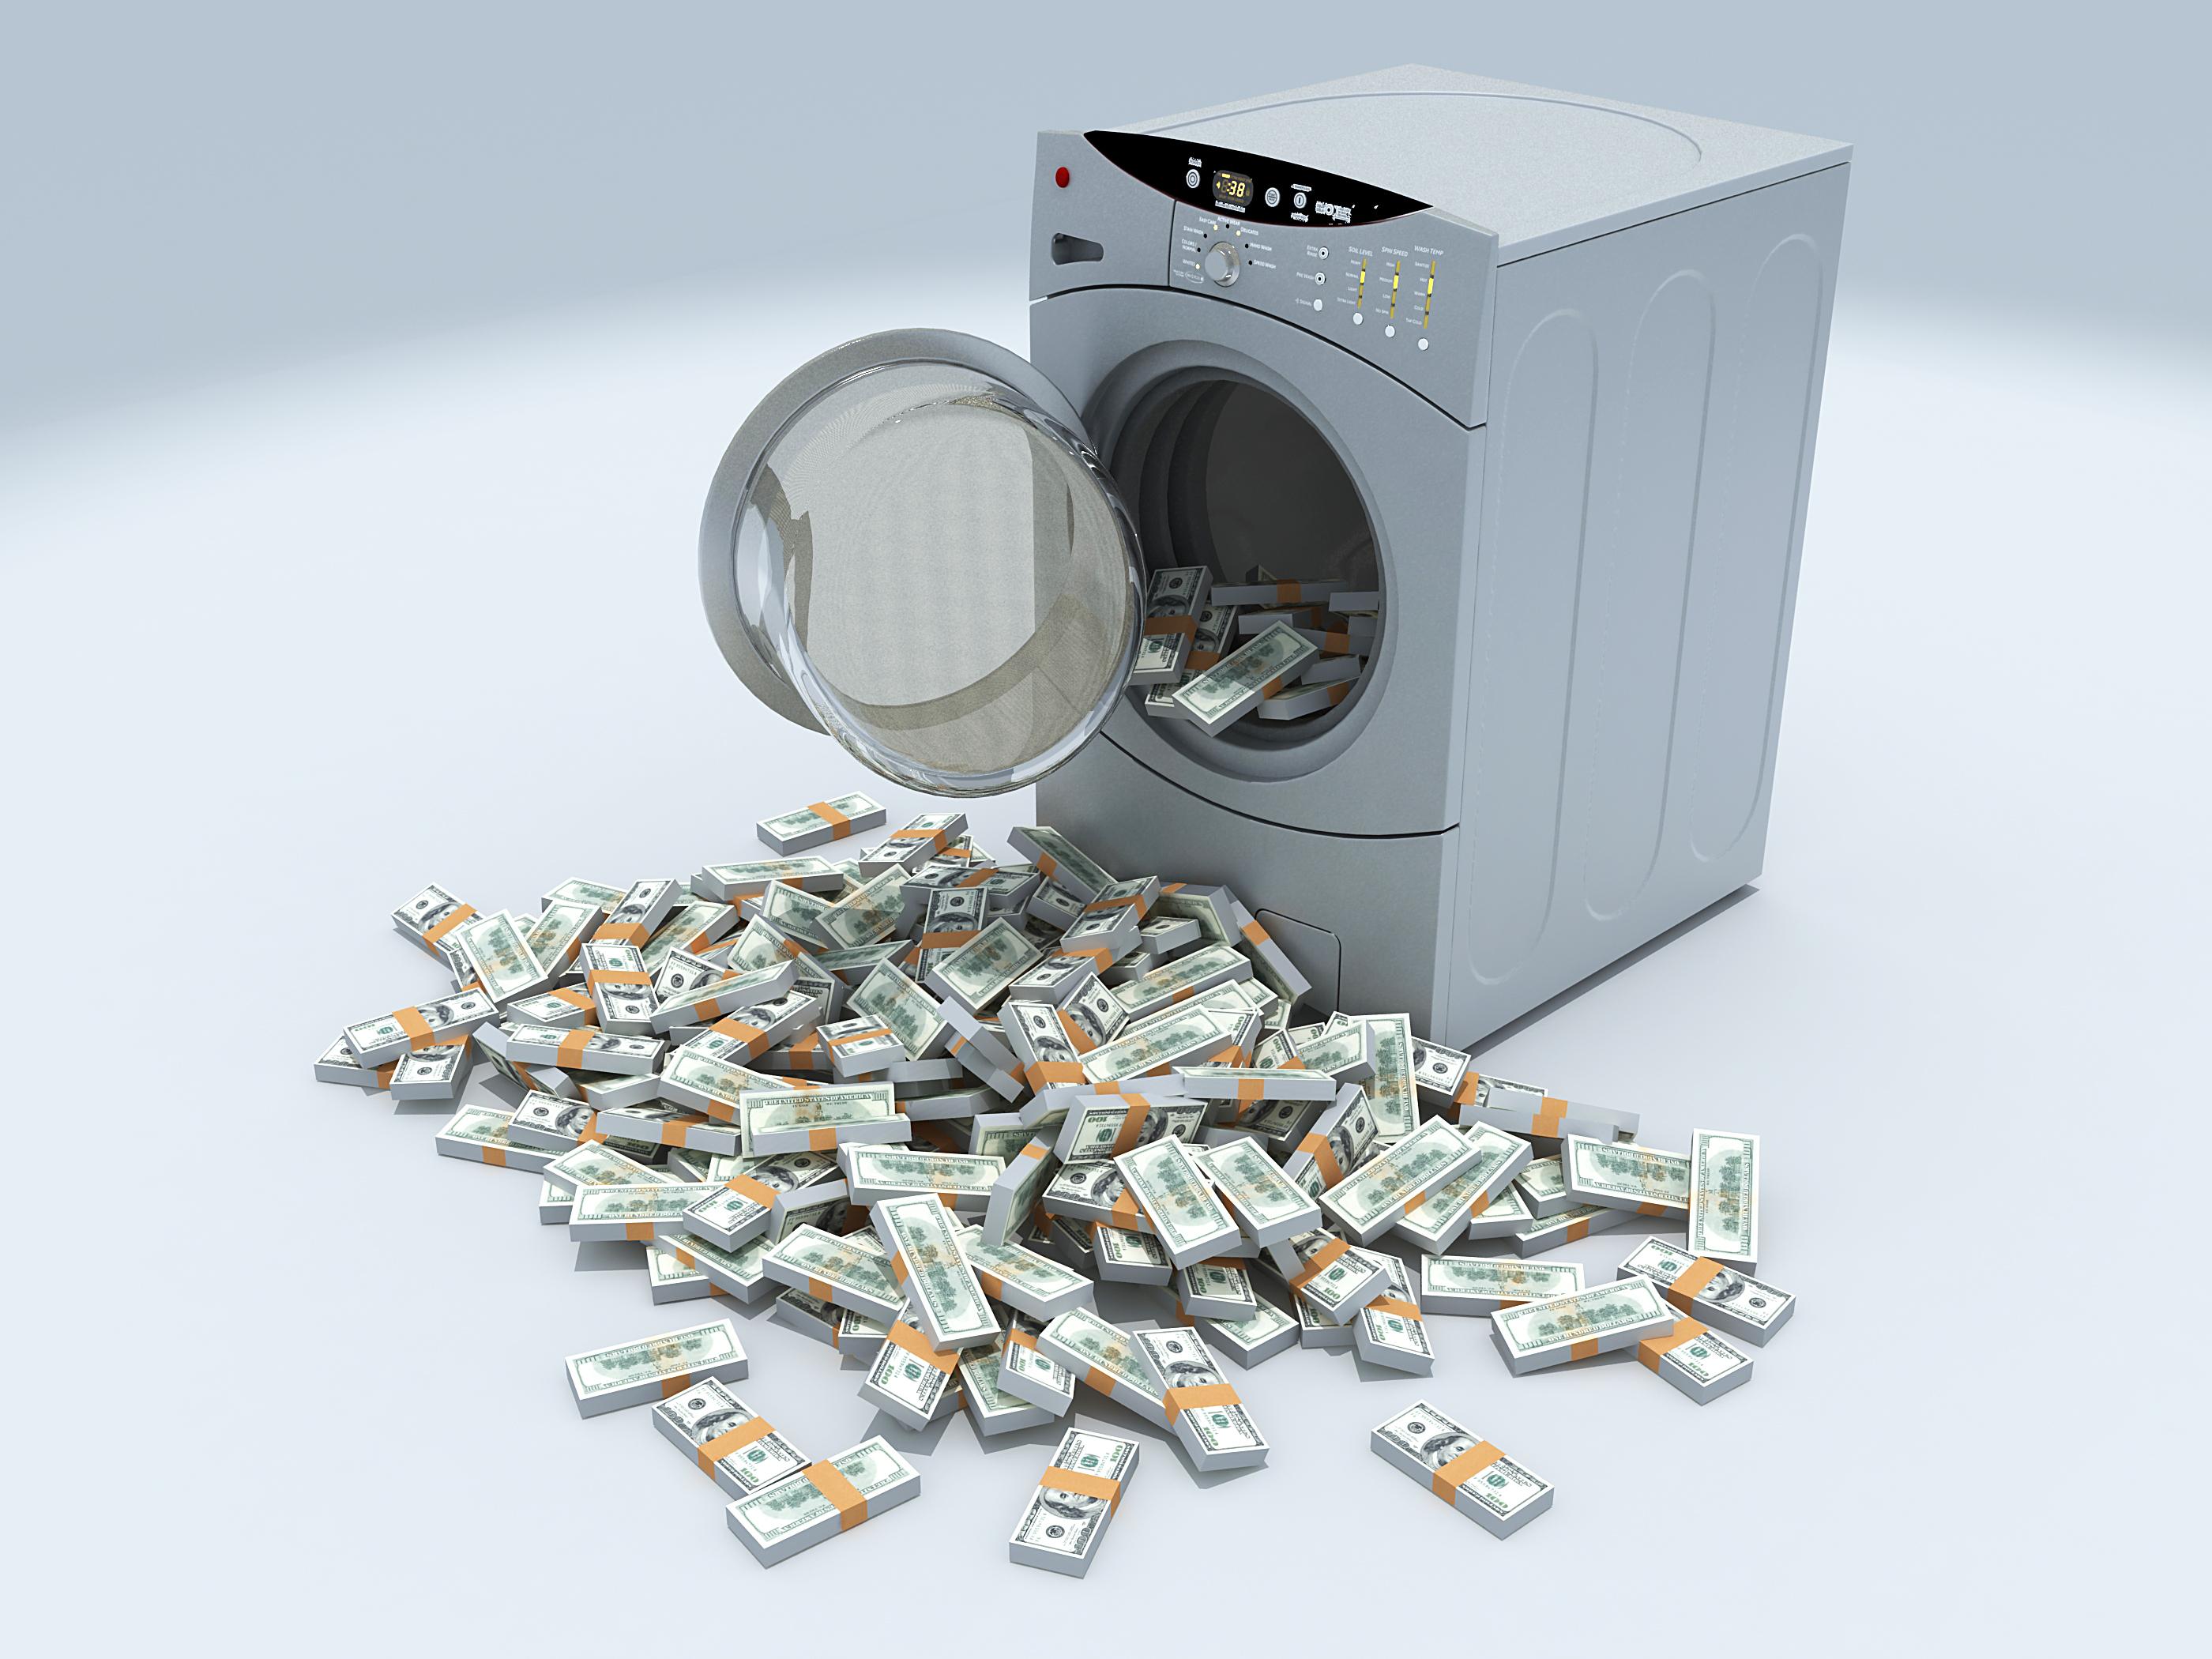 Skrill Money Laundering